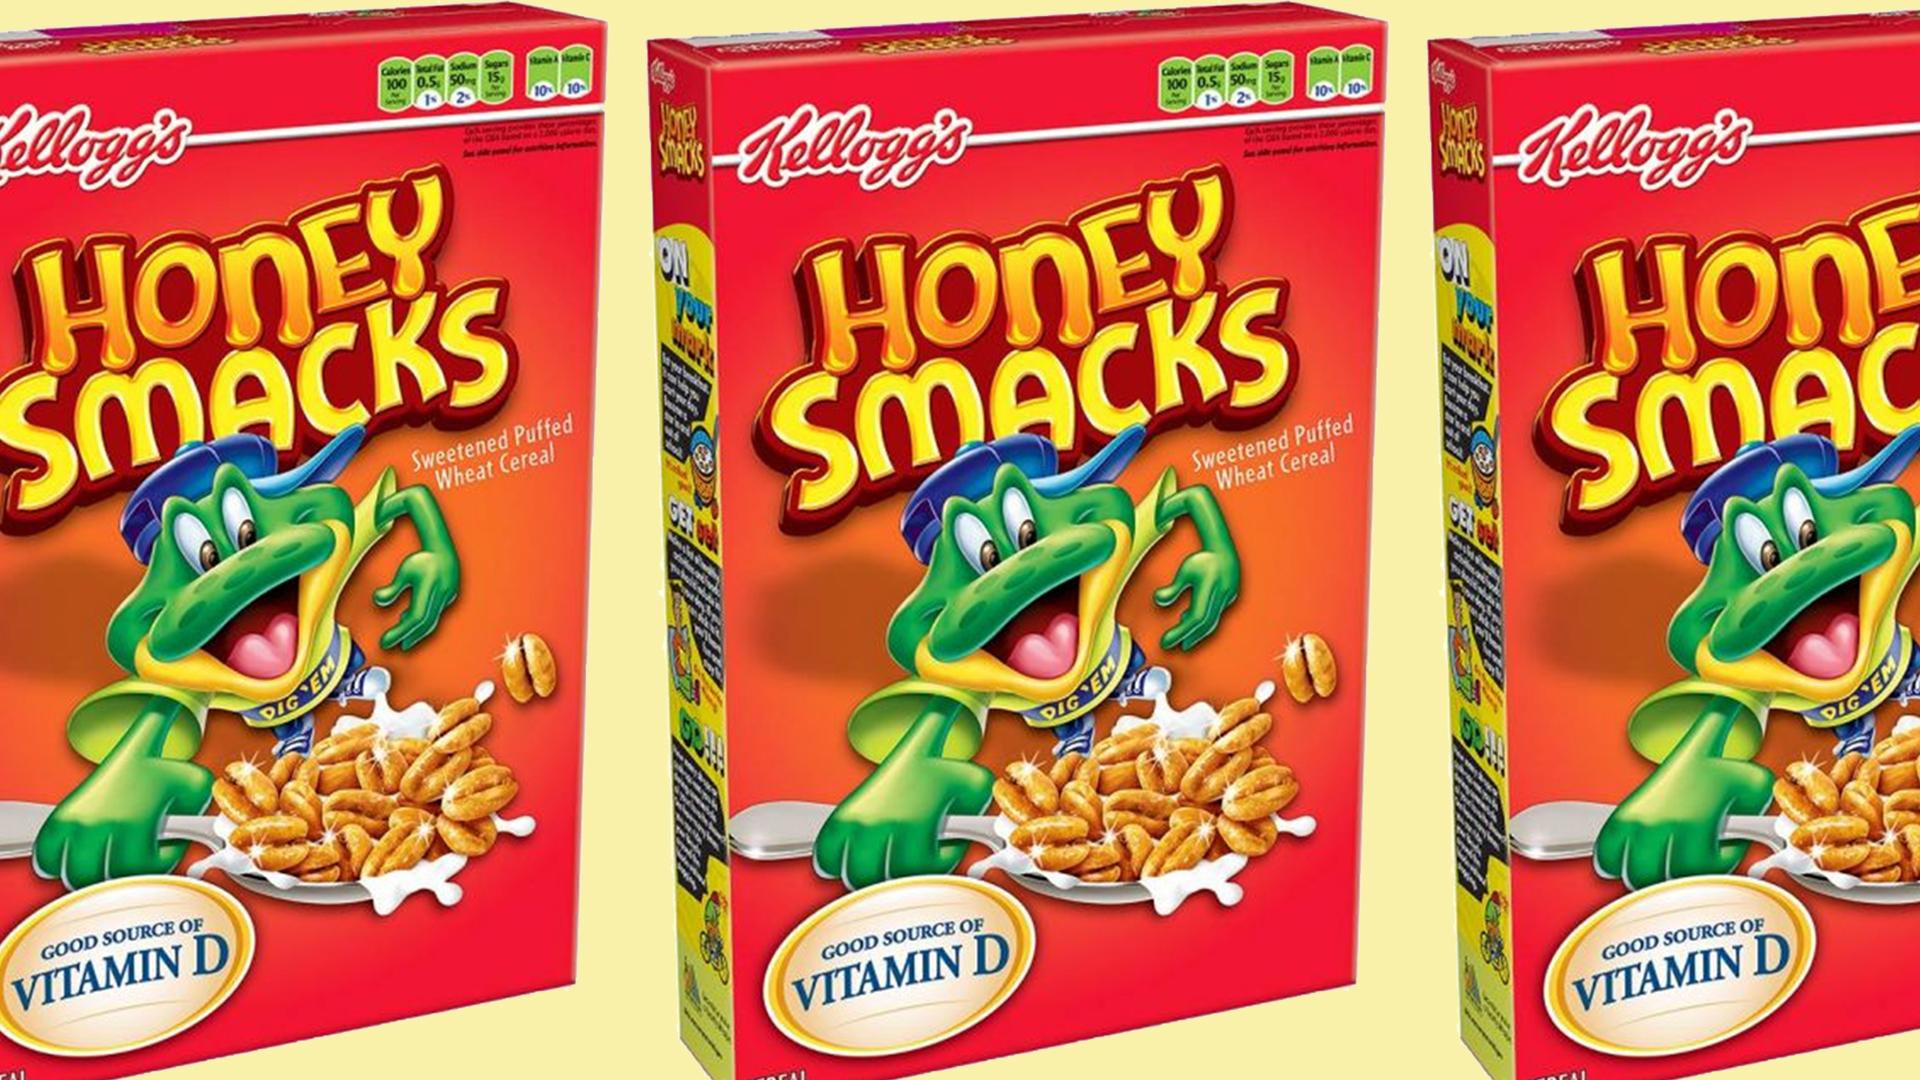 Don't buy any Honey Smacks, CDC says